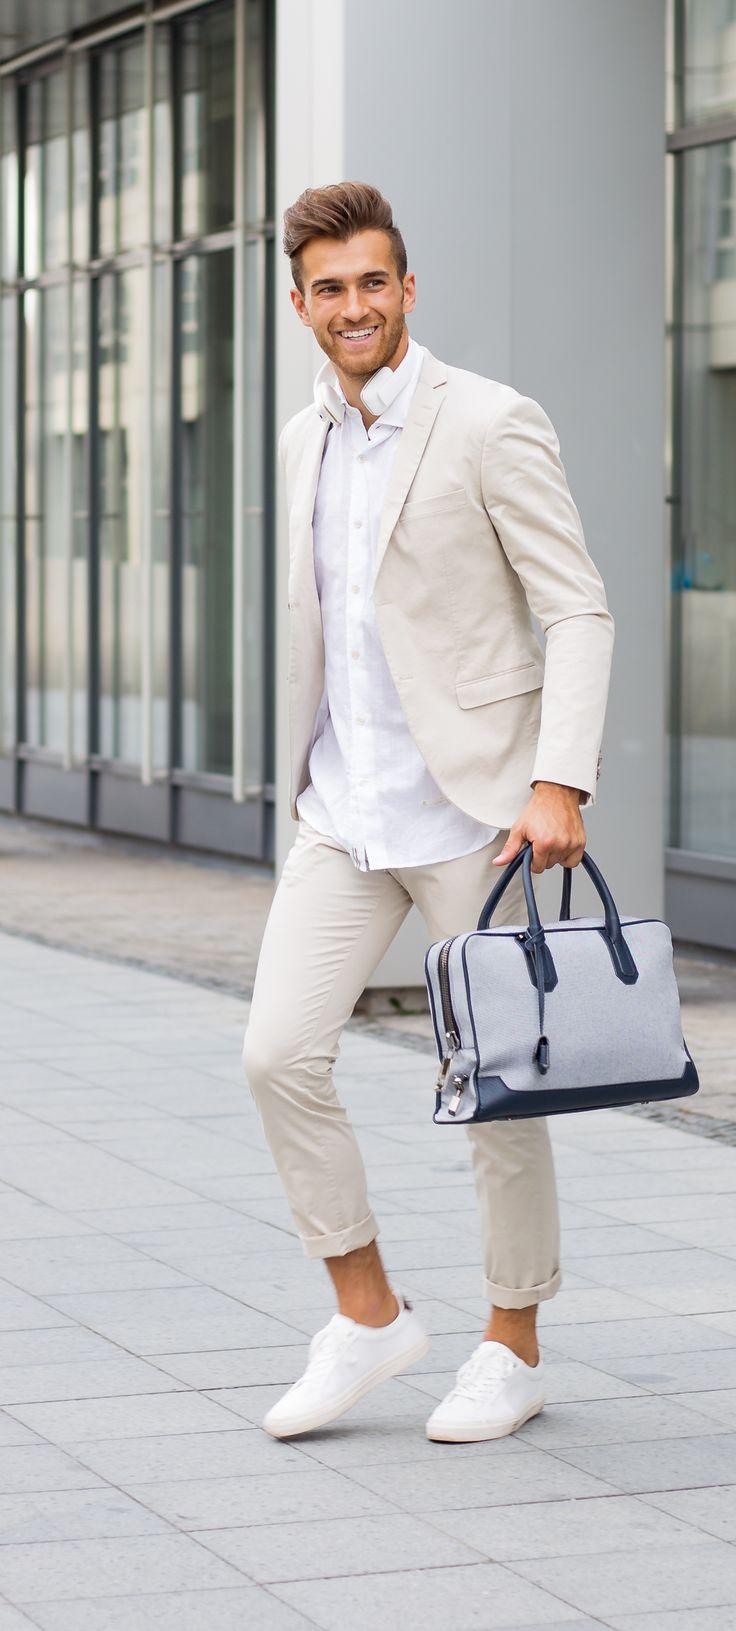 Als Grundlage meines Looks habe ich mir dieses Mal einen sehr modern geschnittenen Anzug der skandinavischen Marke TIGER OF SWEDEN ausgesucht. Das Sakko und die Hose sind aus Baumwolle und fallen im Schnitt eher schmal aus. Als Baukasten-System kann man die passenden Größen individuell zusammenstellen.